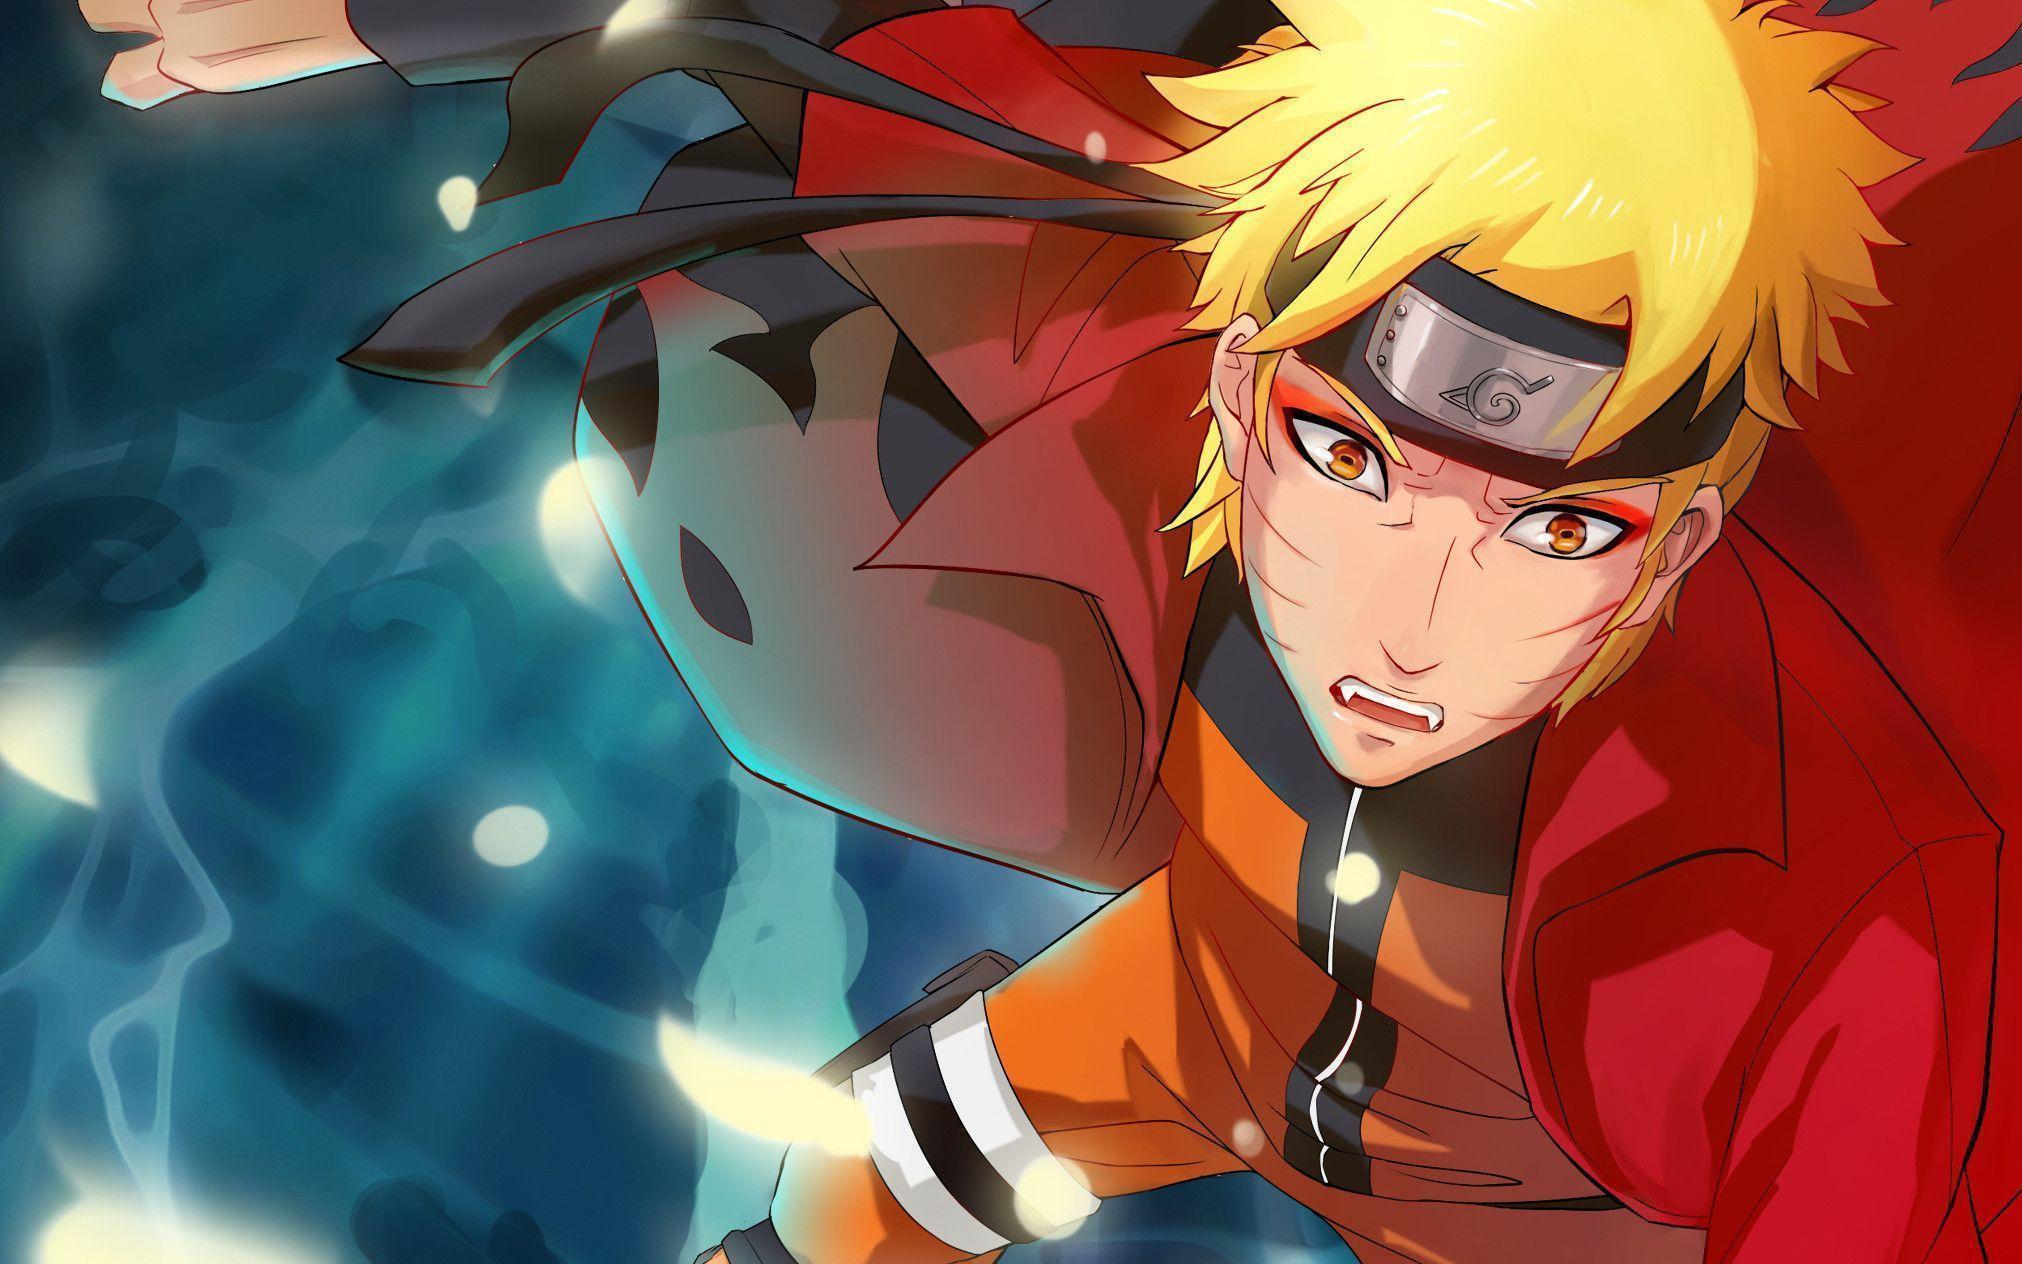 Naruto Shippuden Sage Mode Wallpaper Naruto Sage Mode Wallp...